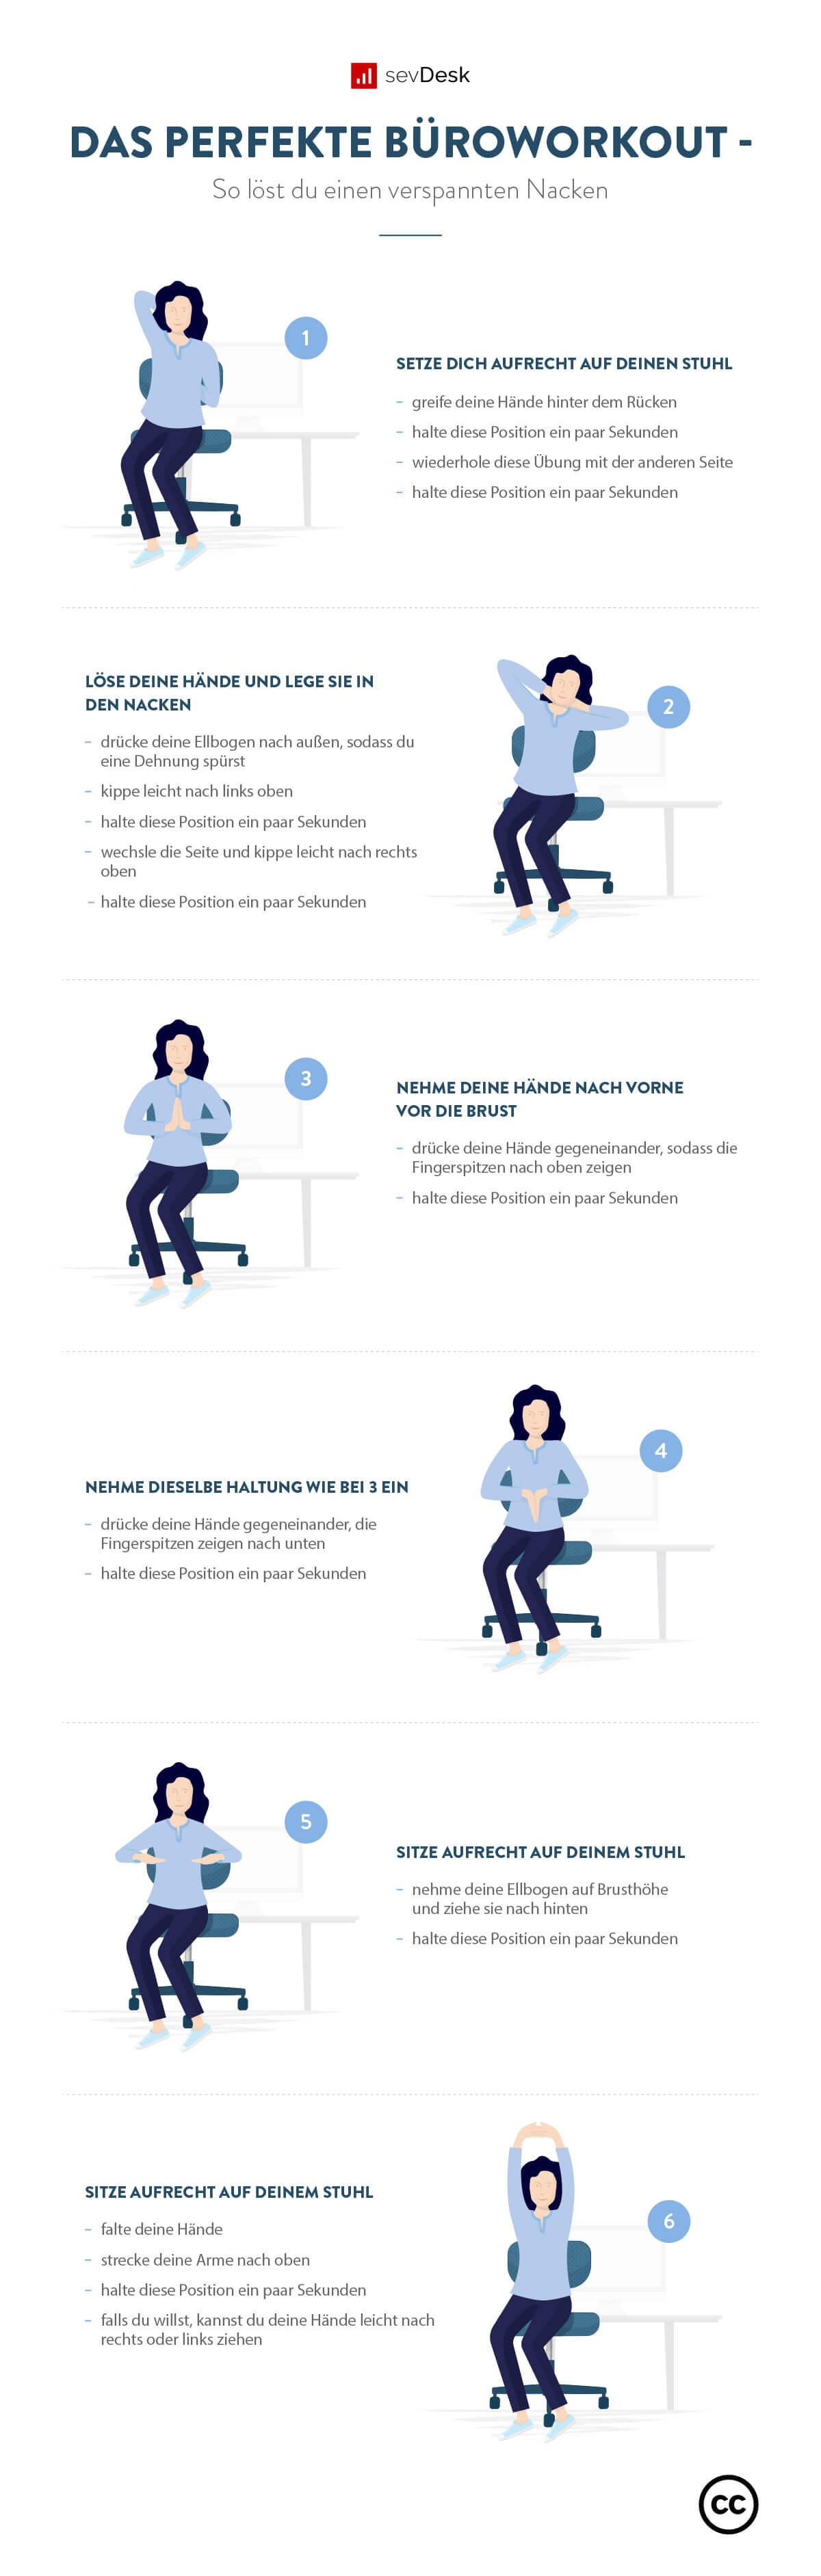 mit dieser Übung kannst du deine Nackenmuskulatur entspannen